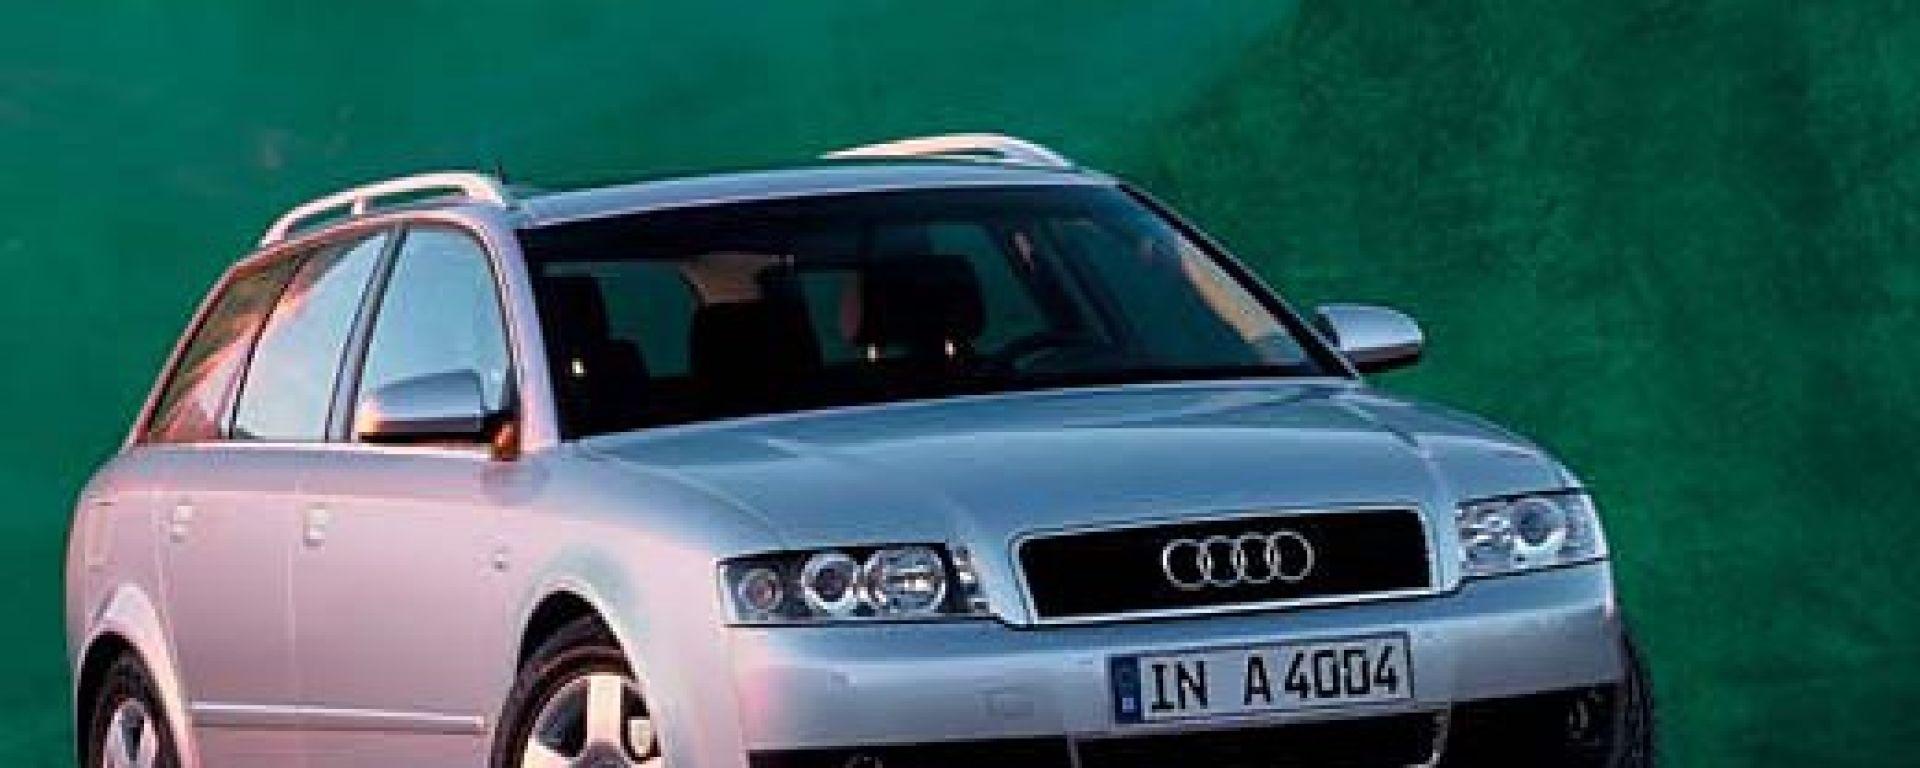 Audi A4 Avant my 2002